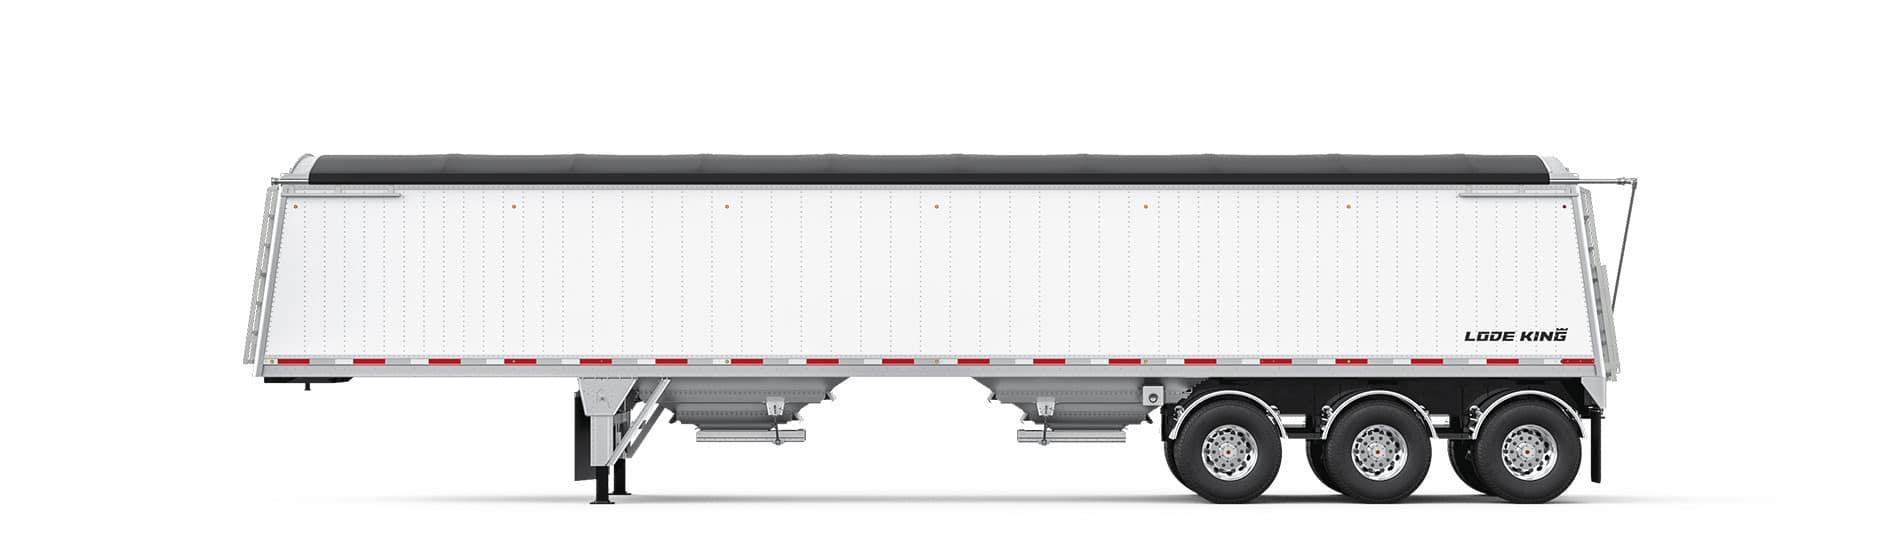 Hopper Aluminum Tri-axle